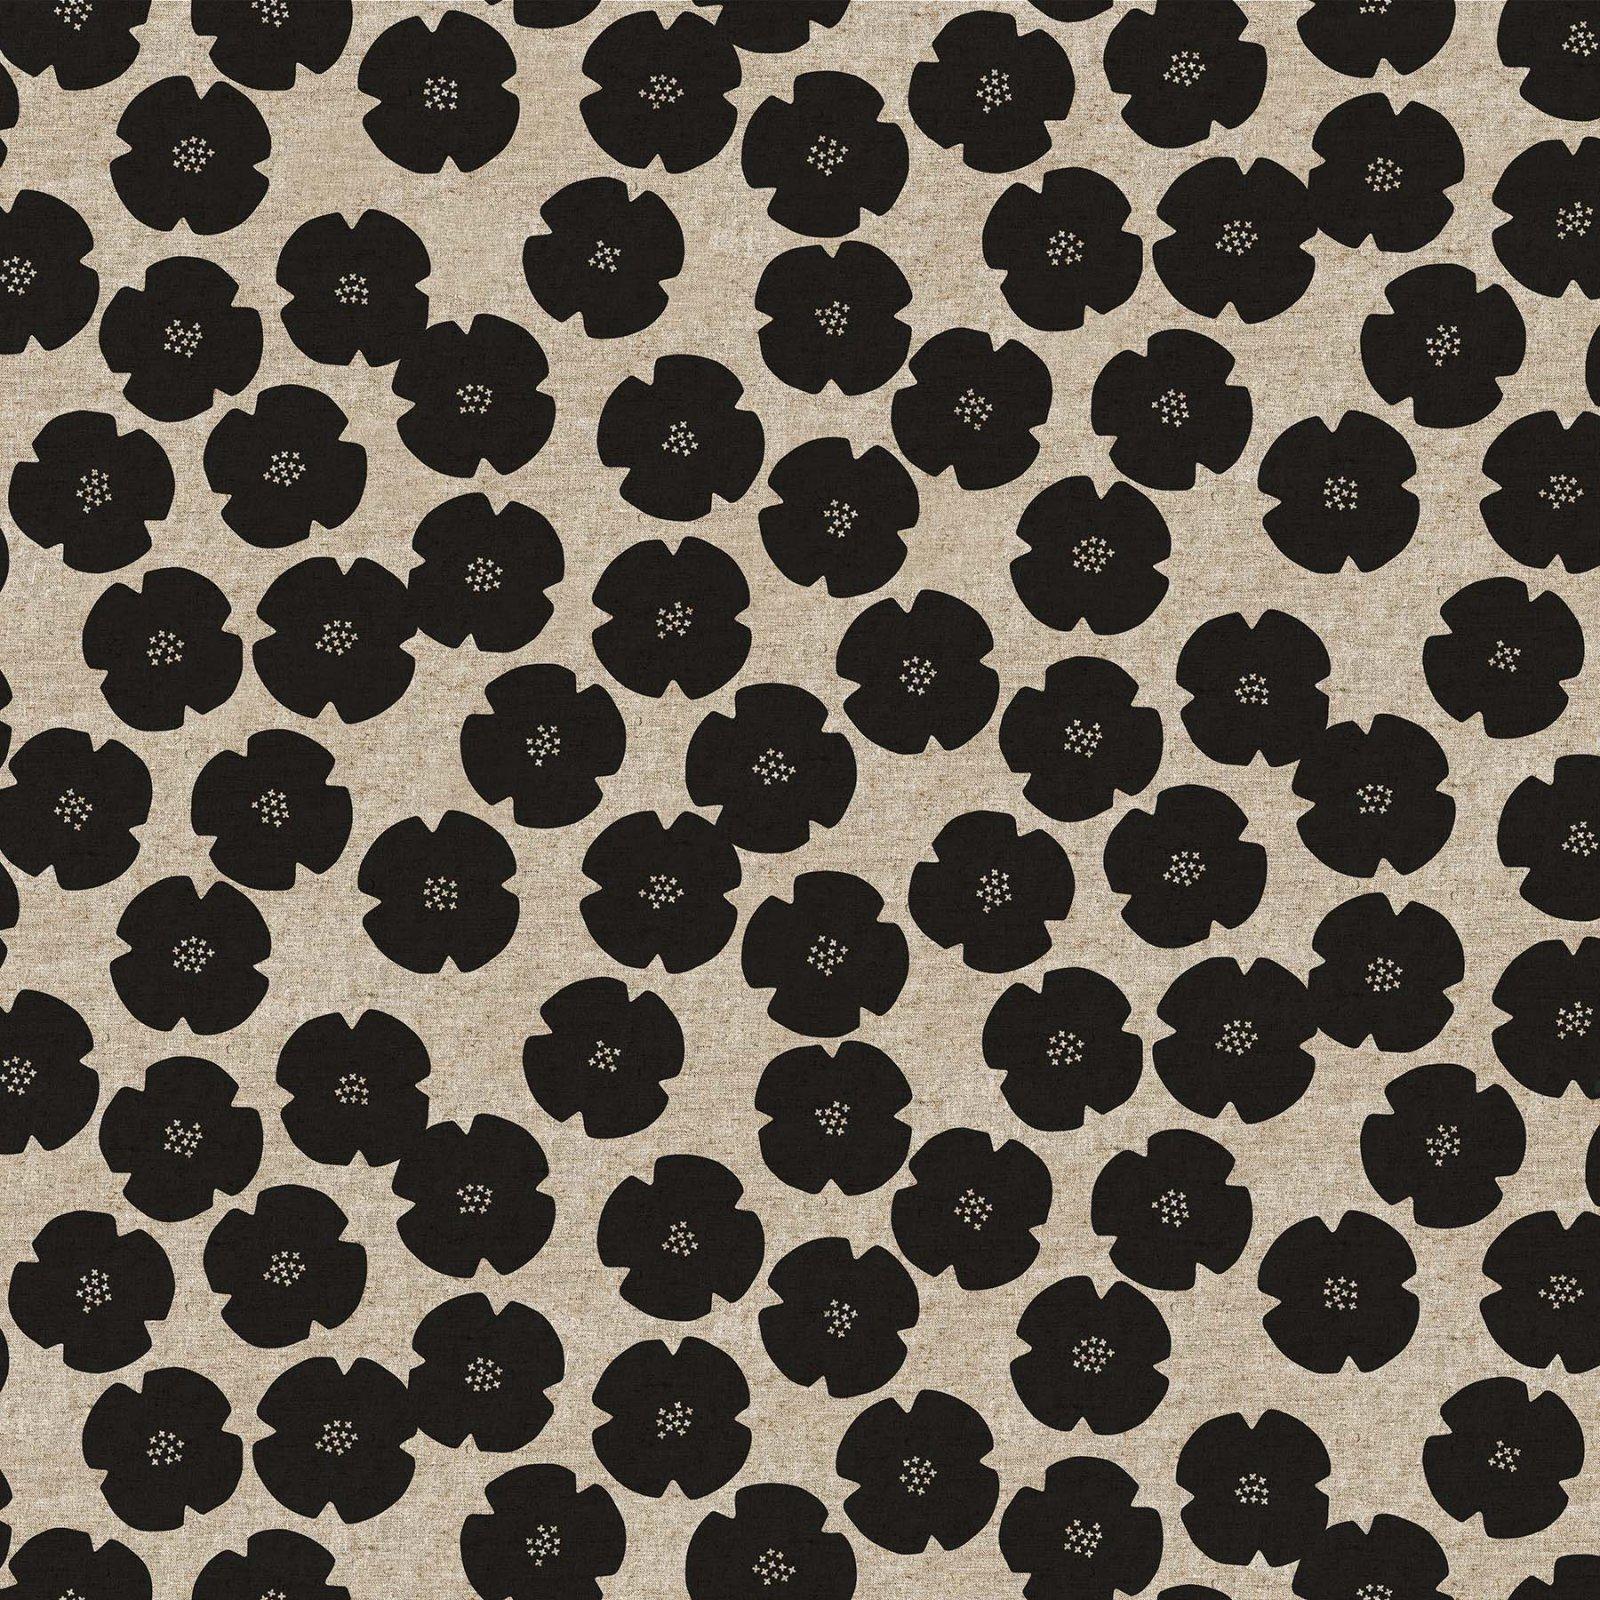 Harmony Flowers (55% linen/45% cotton)